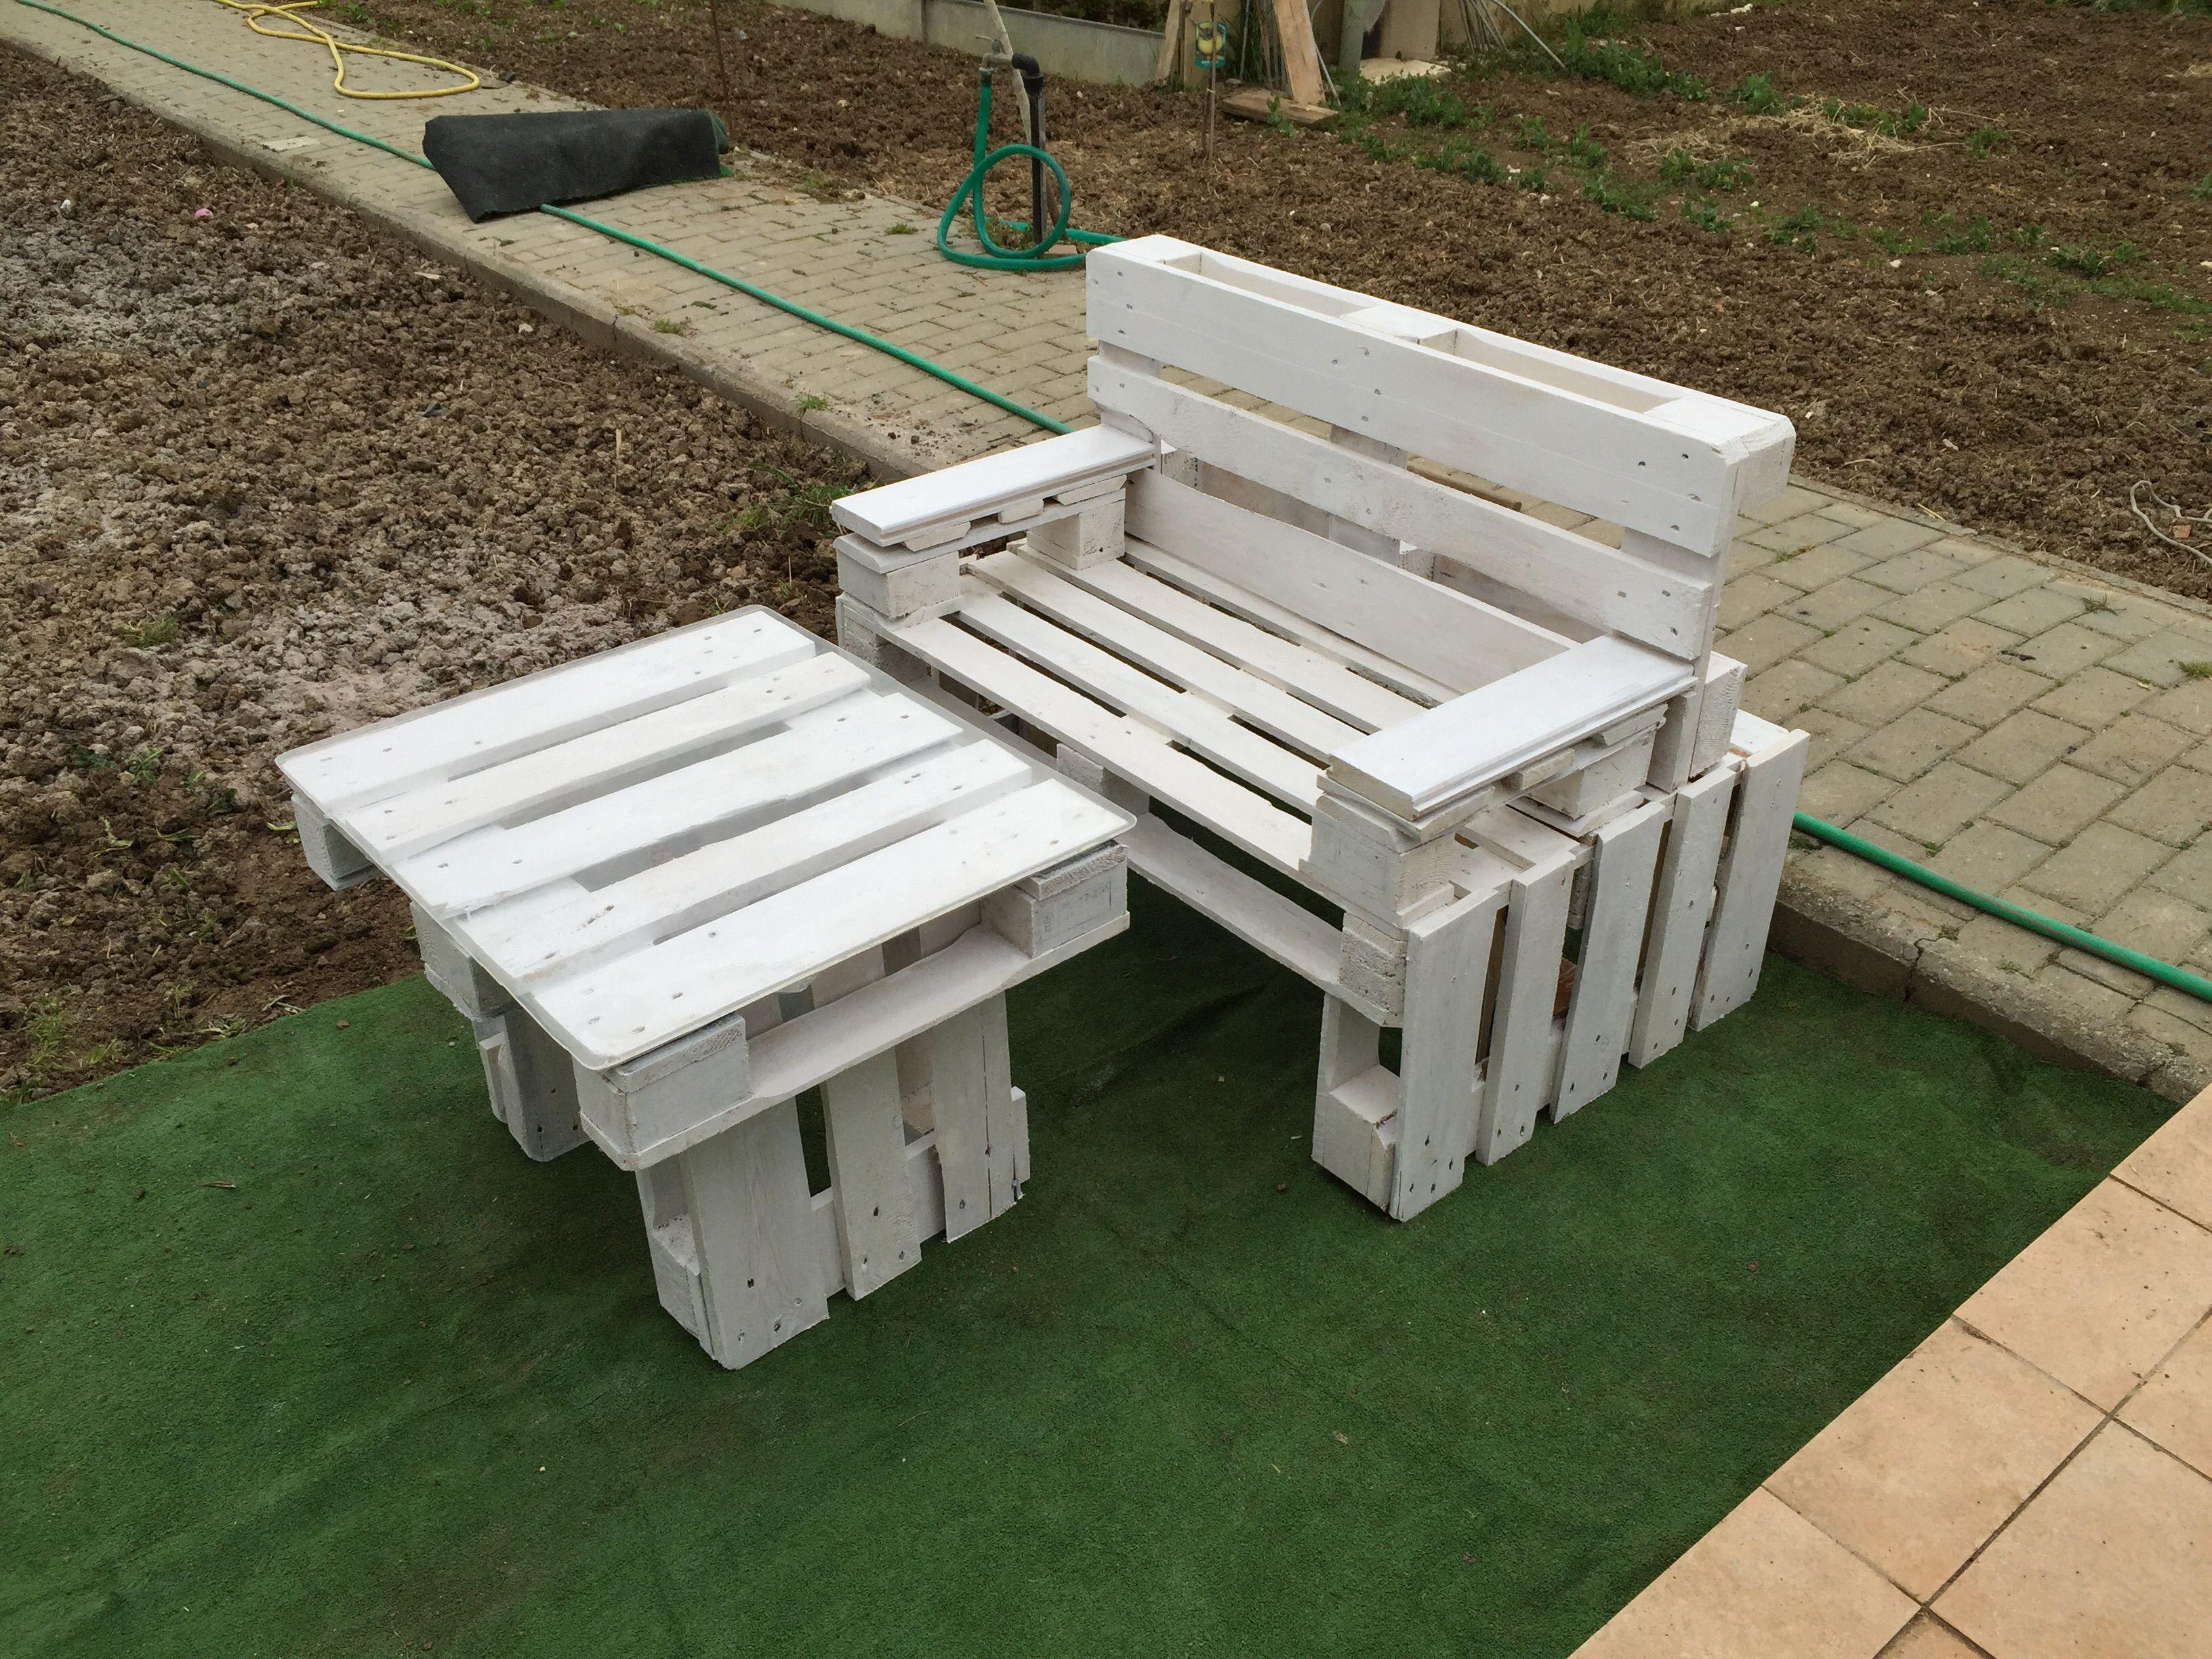 Panchina due posti fatta con 3 bancali idee per la casa for Panchine con bancali